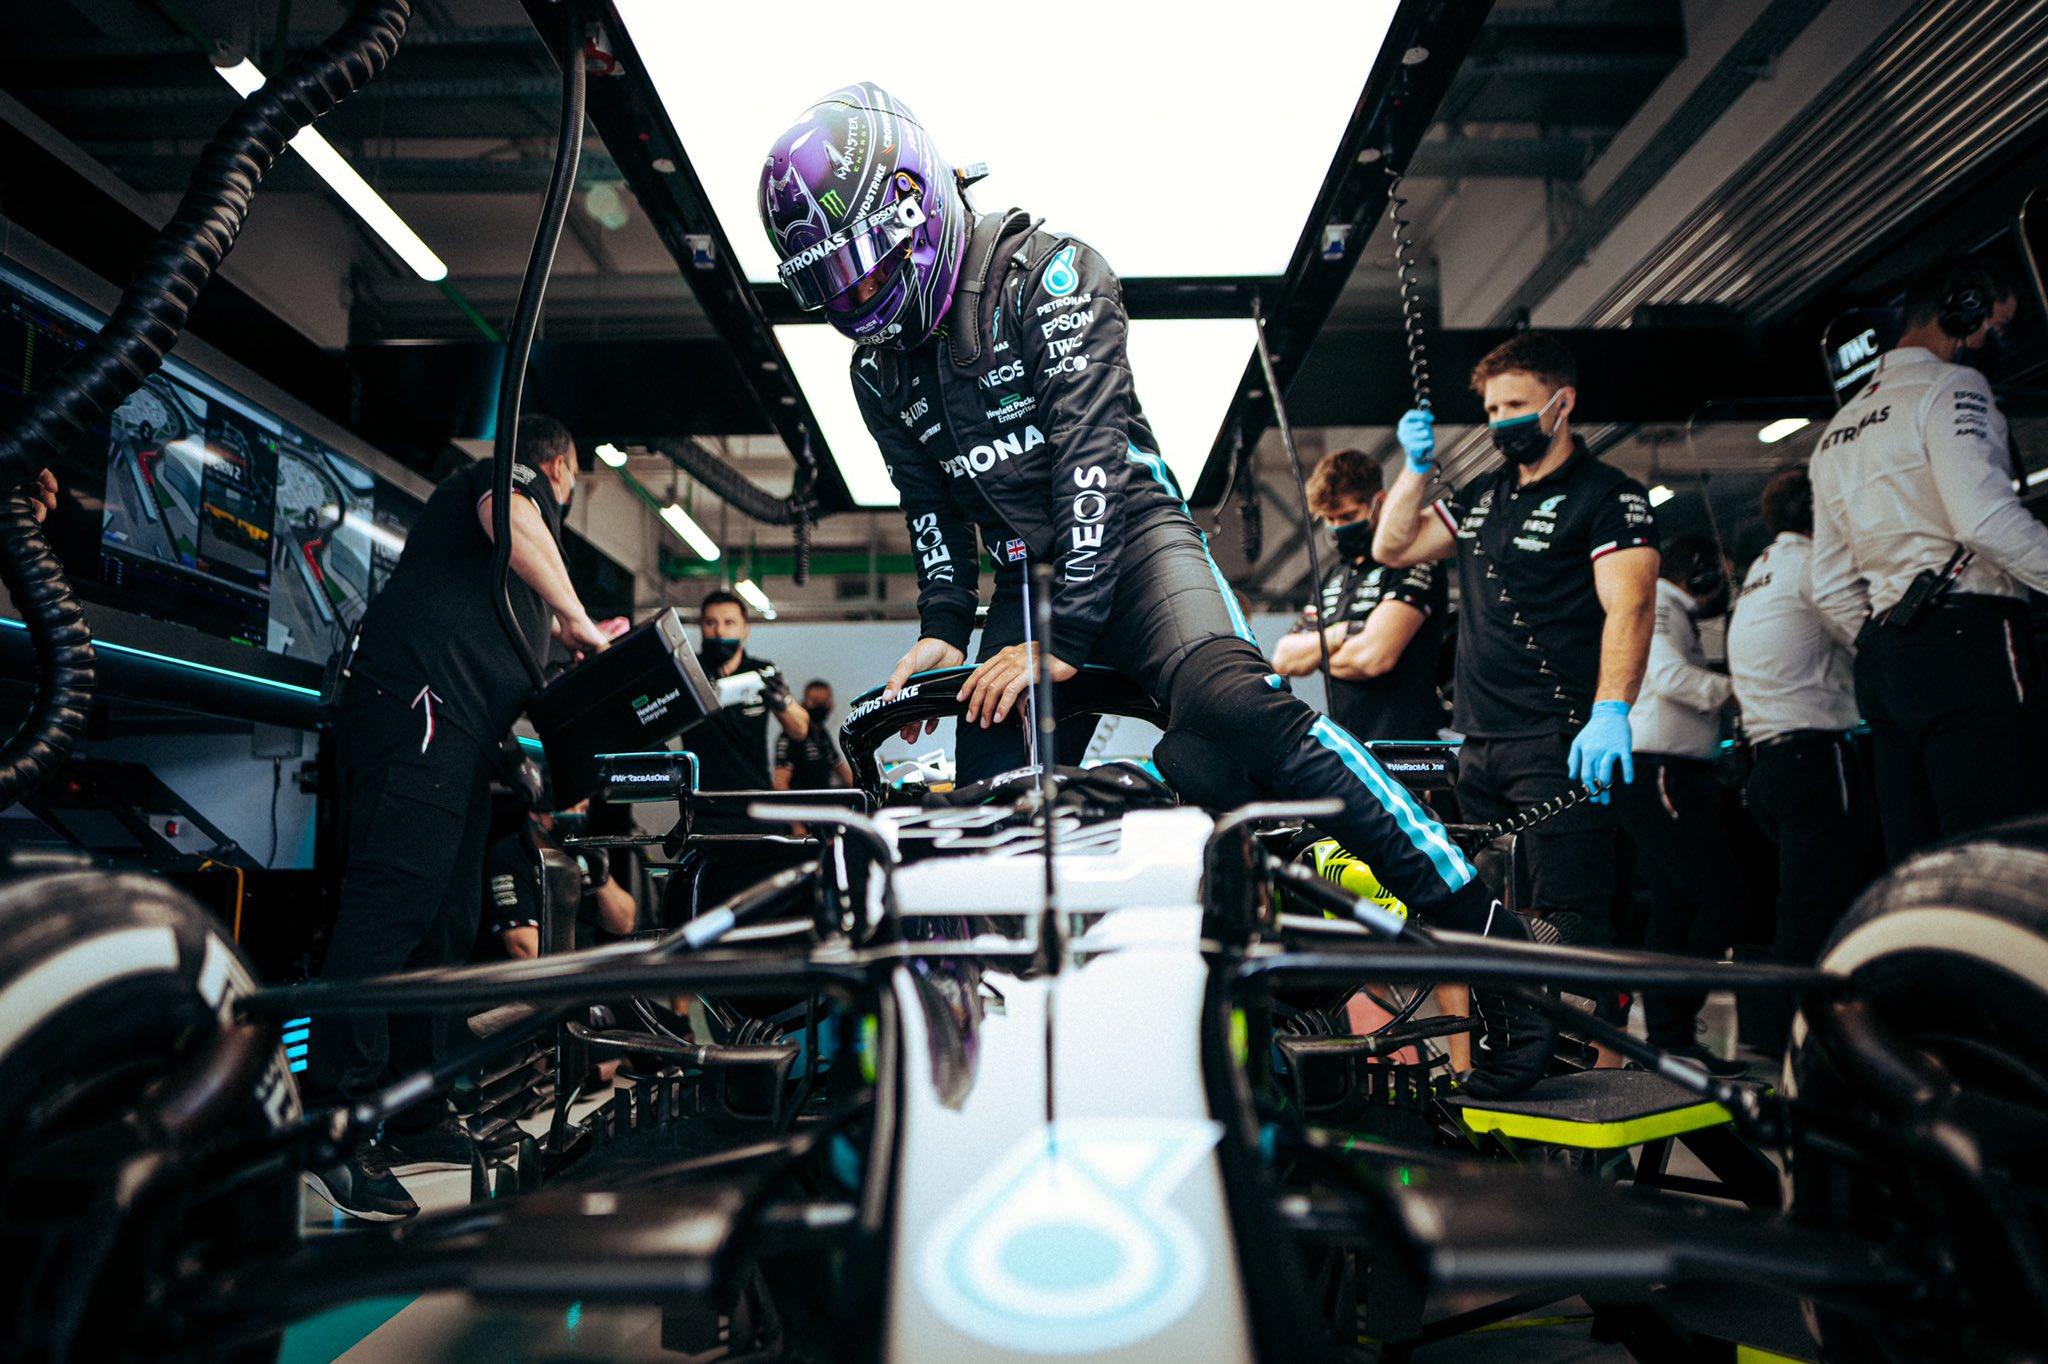 Lewis Hamilton penalizado con 10 puestos en la parrilla en Turquía